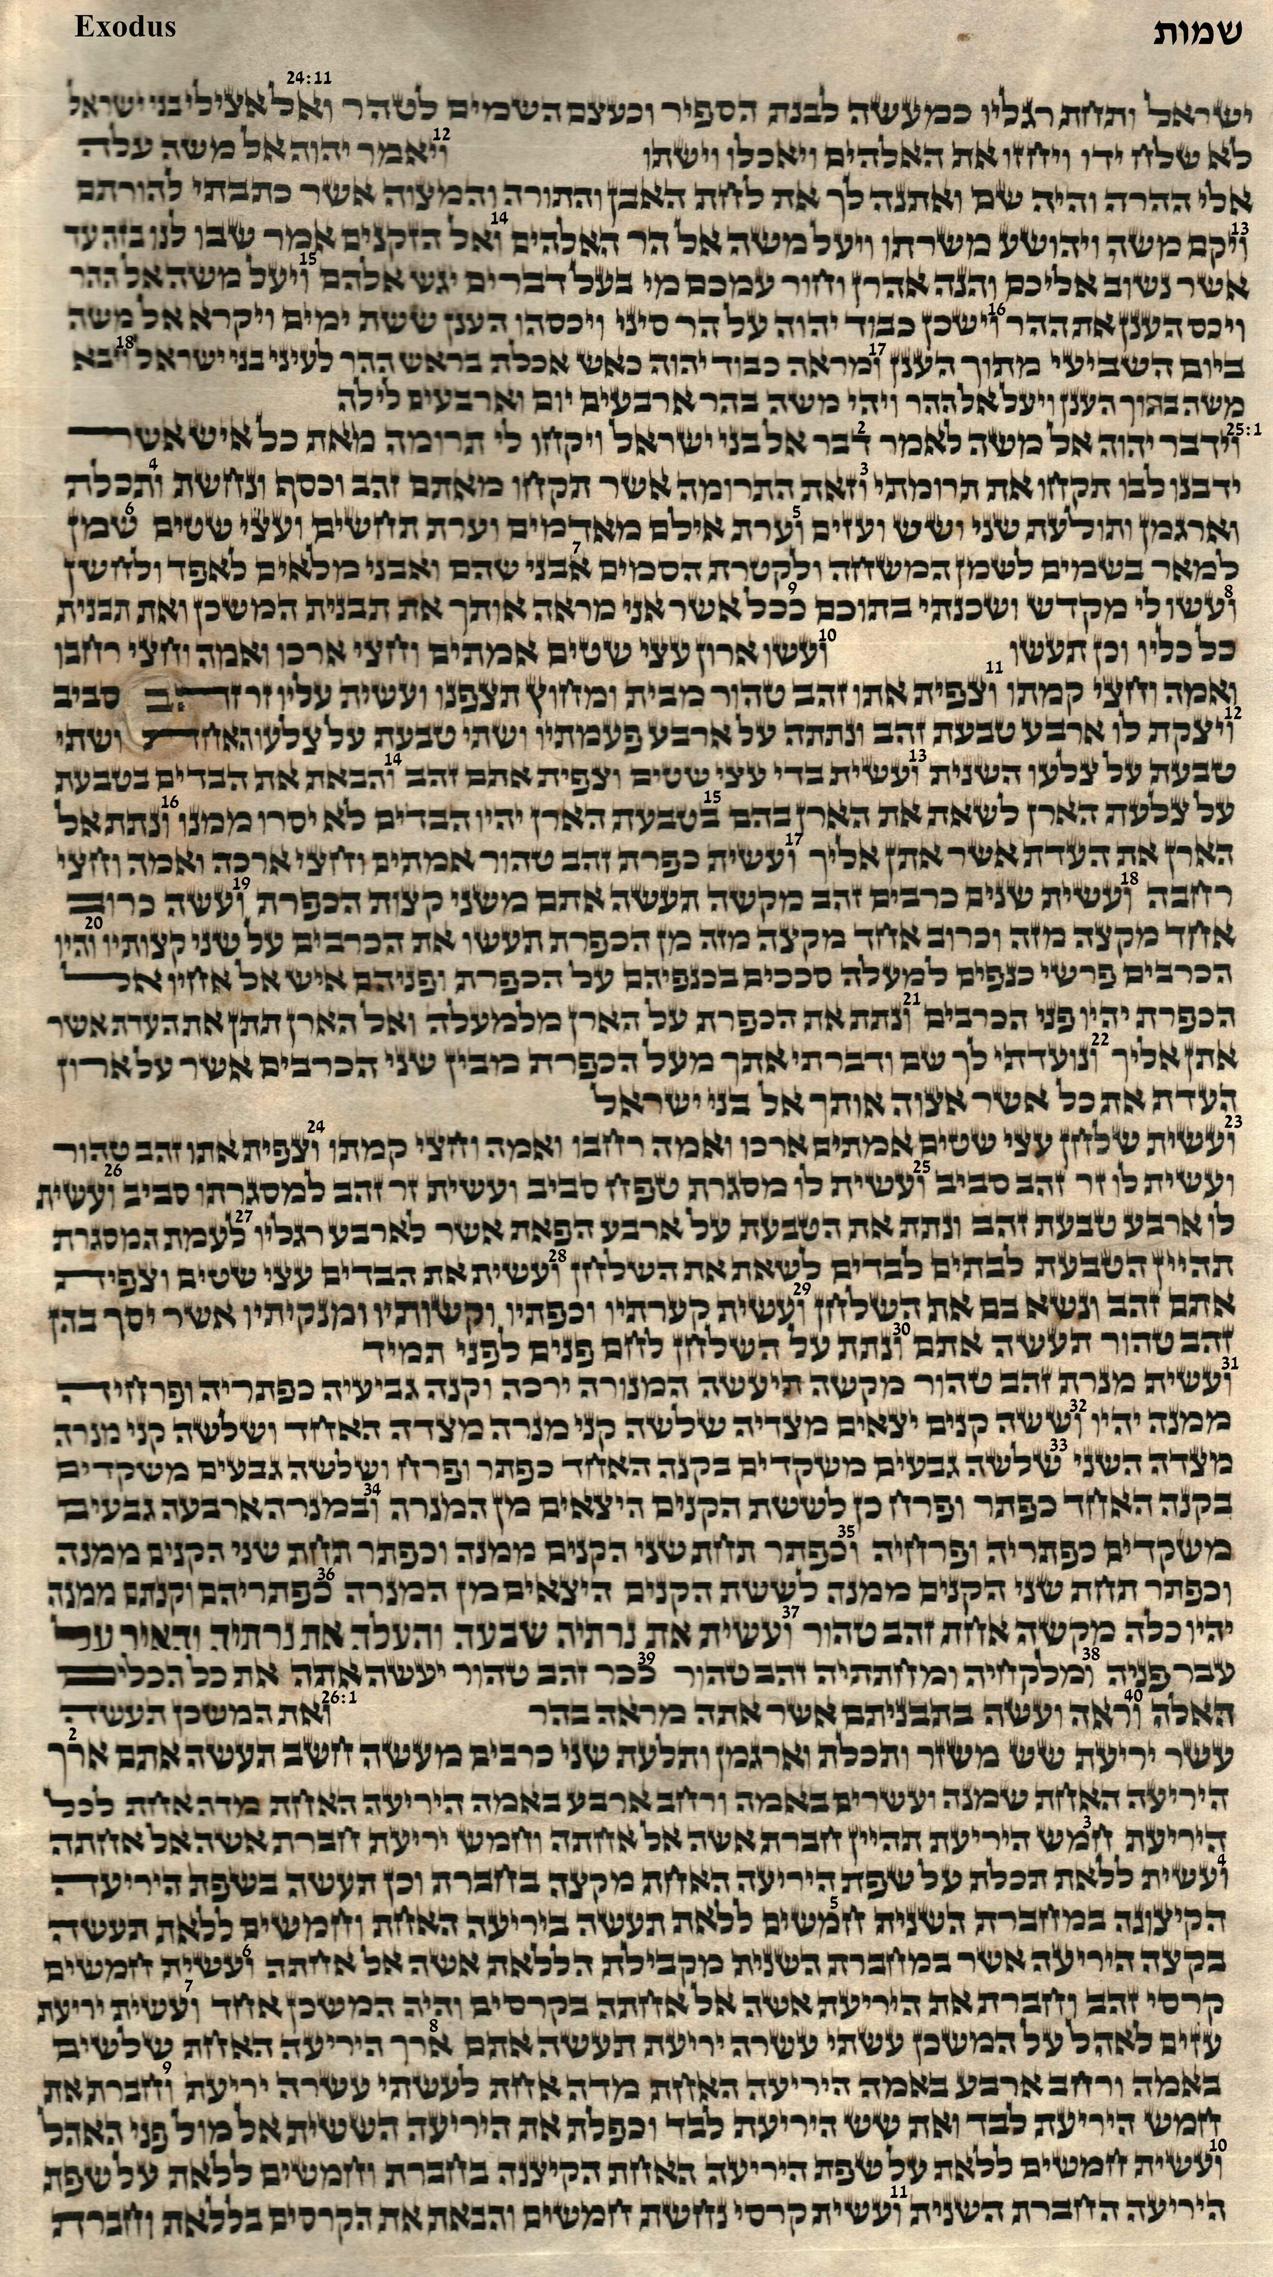 Exodus 24.11 -26.11